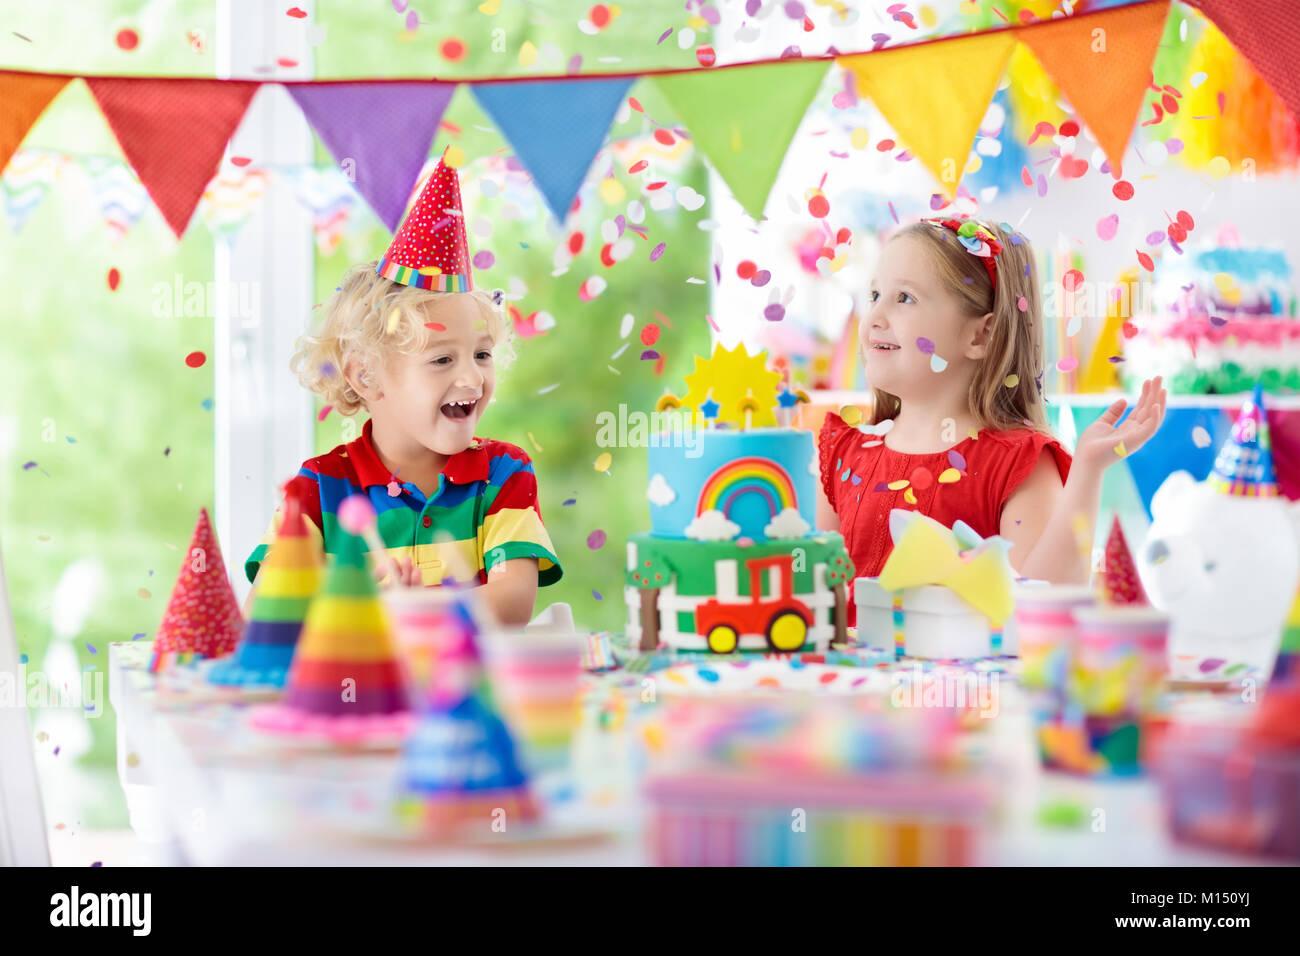 Fiesta De Cumpleaños Para Niños Niño Soplar Las Velas En Colores Pastel Casa Decorada Con Banderas La Bandera Del Arco Iris Globos Confeti Granja Y Transportarlos Fotografía De Stock Alamy